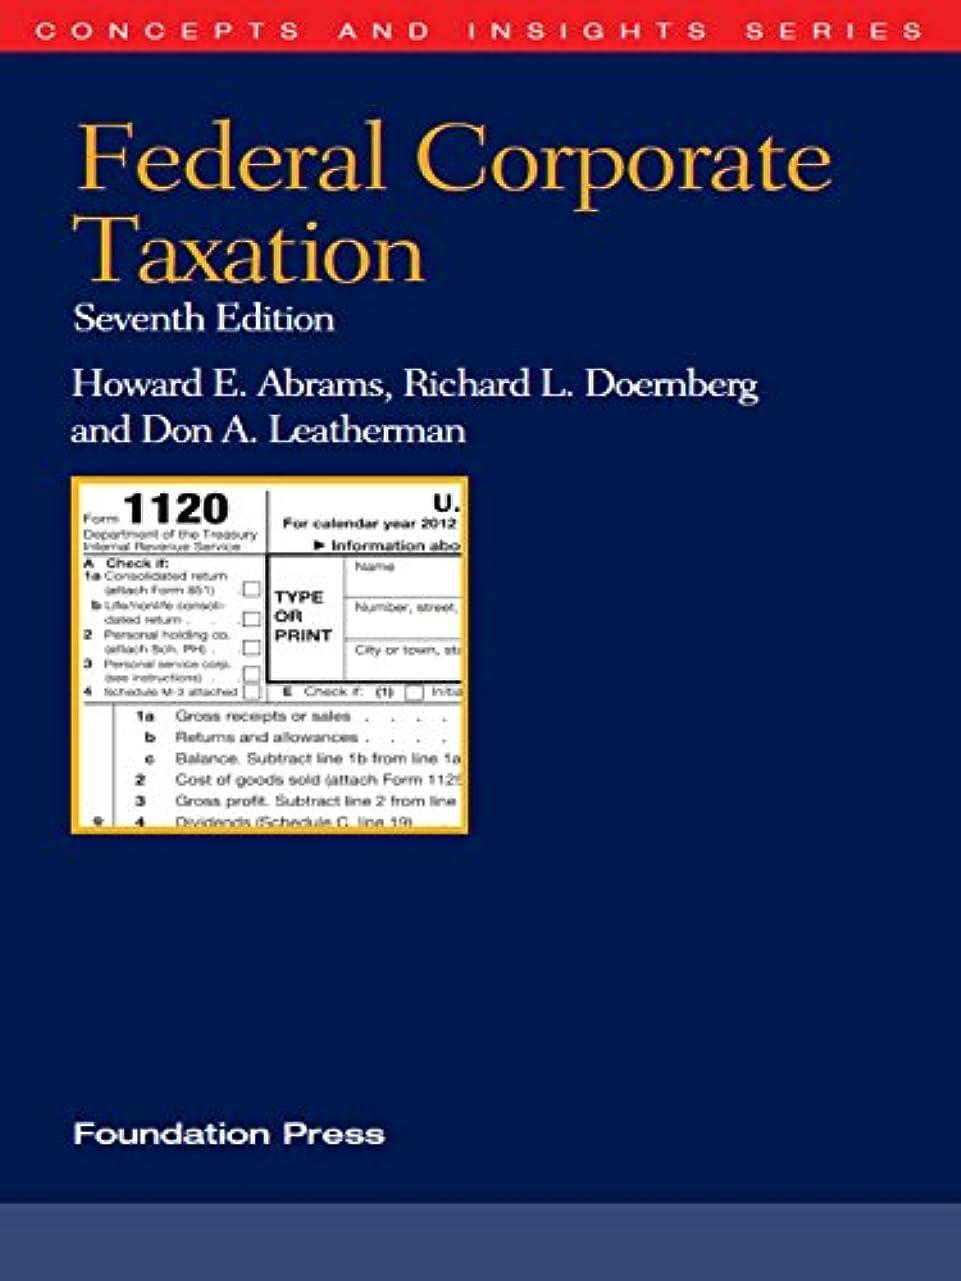 少数鬼ごっこのどAbrams, Doernberg and Leatherman's Federal Corporate Taxation, 7th (Concepts and Insights Series) (English Edition)